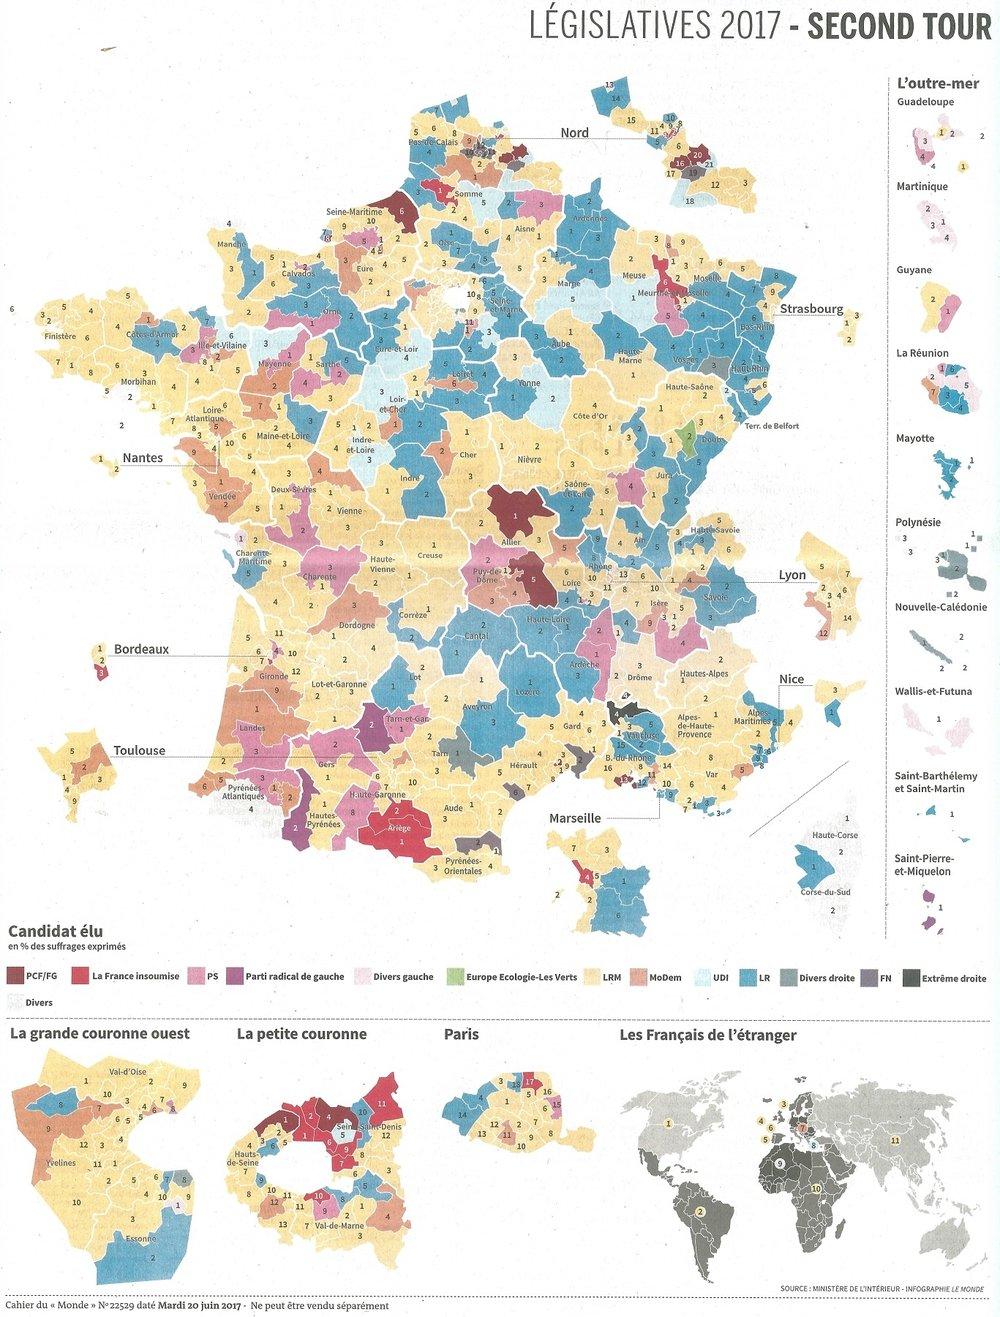 Source:  Le Monde , 20 juin 2017